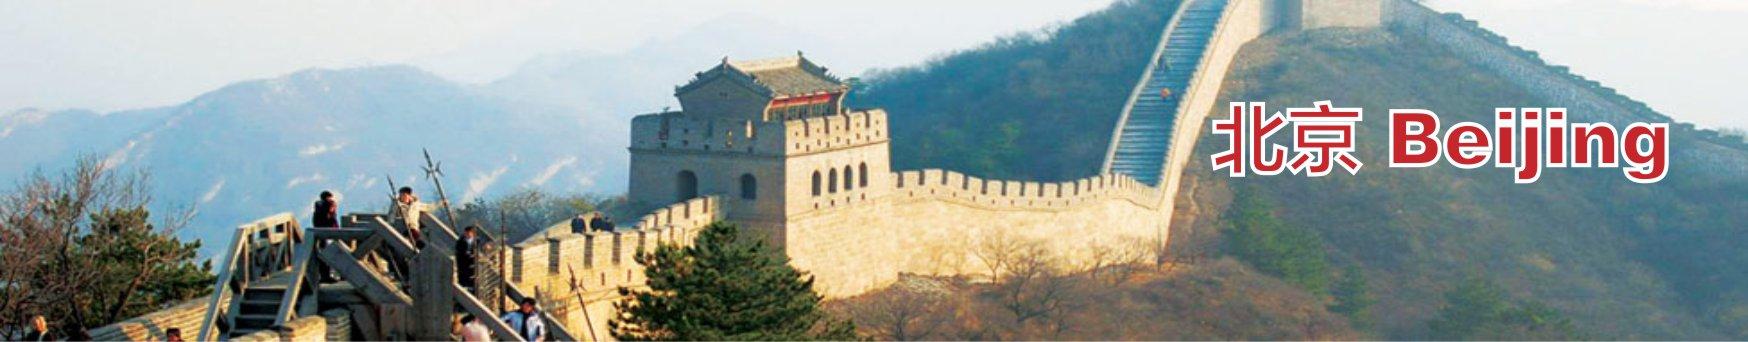 เรียนต่อจีน ที่ Beijing (ปักกิ่ง) และมาหาลัยแนะนำ